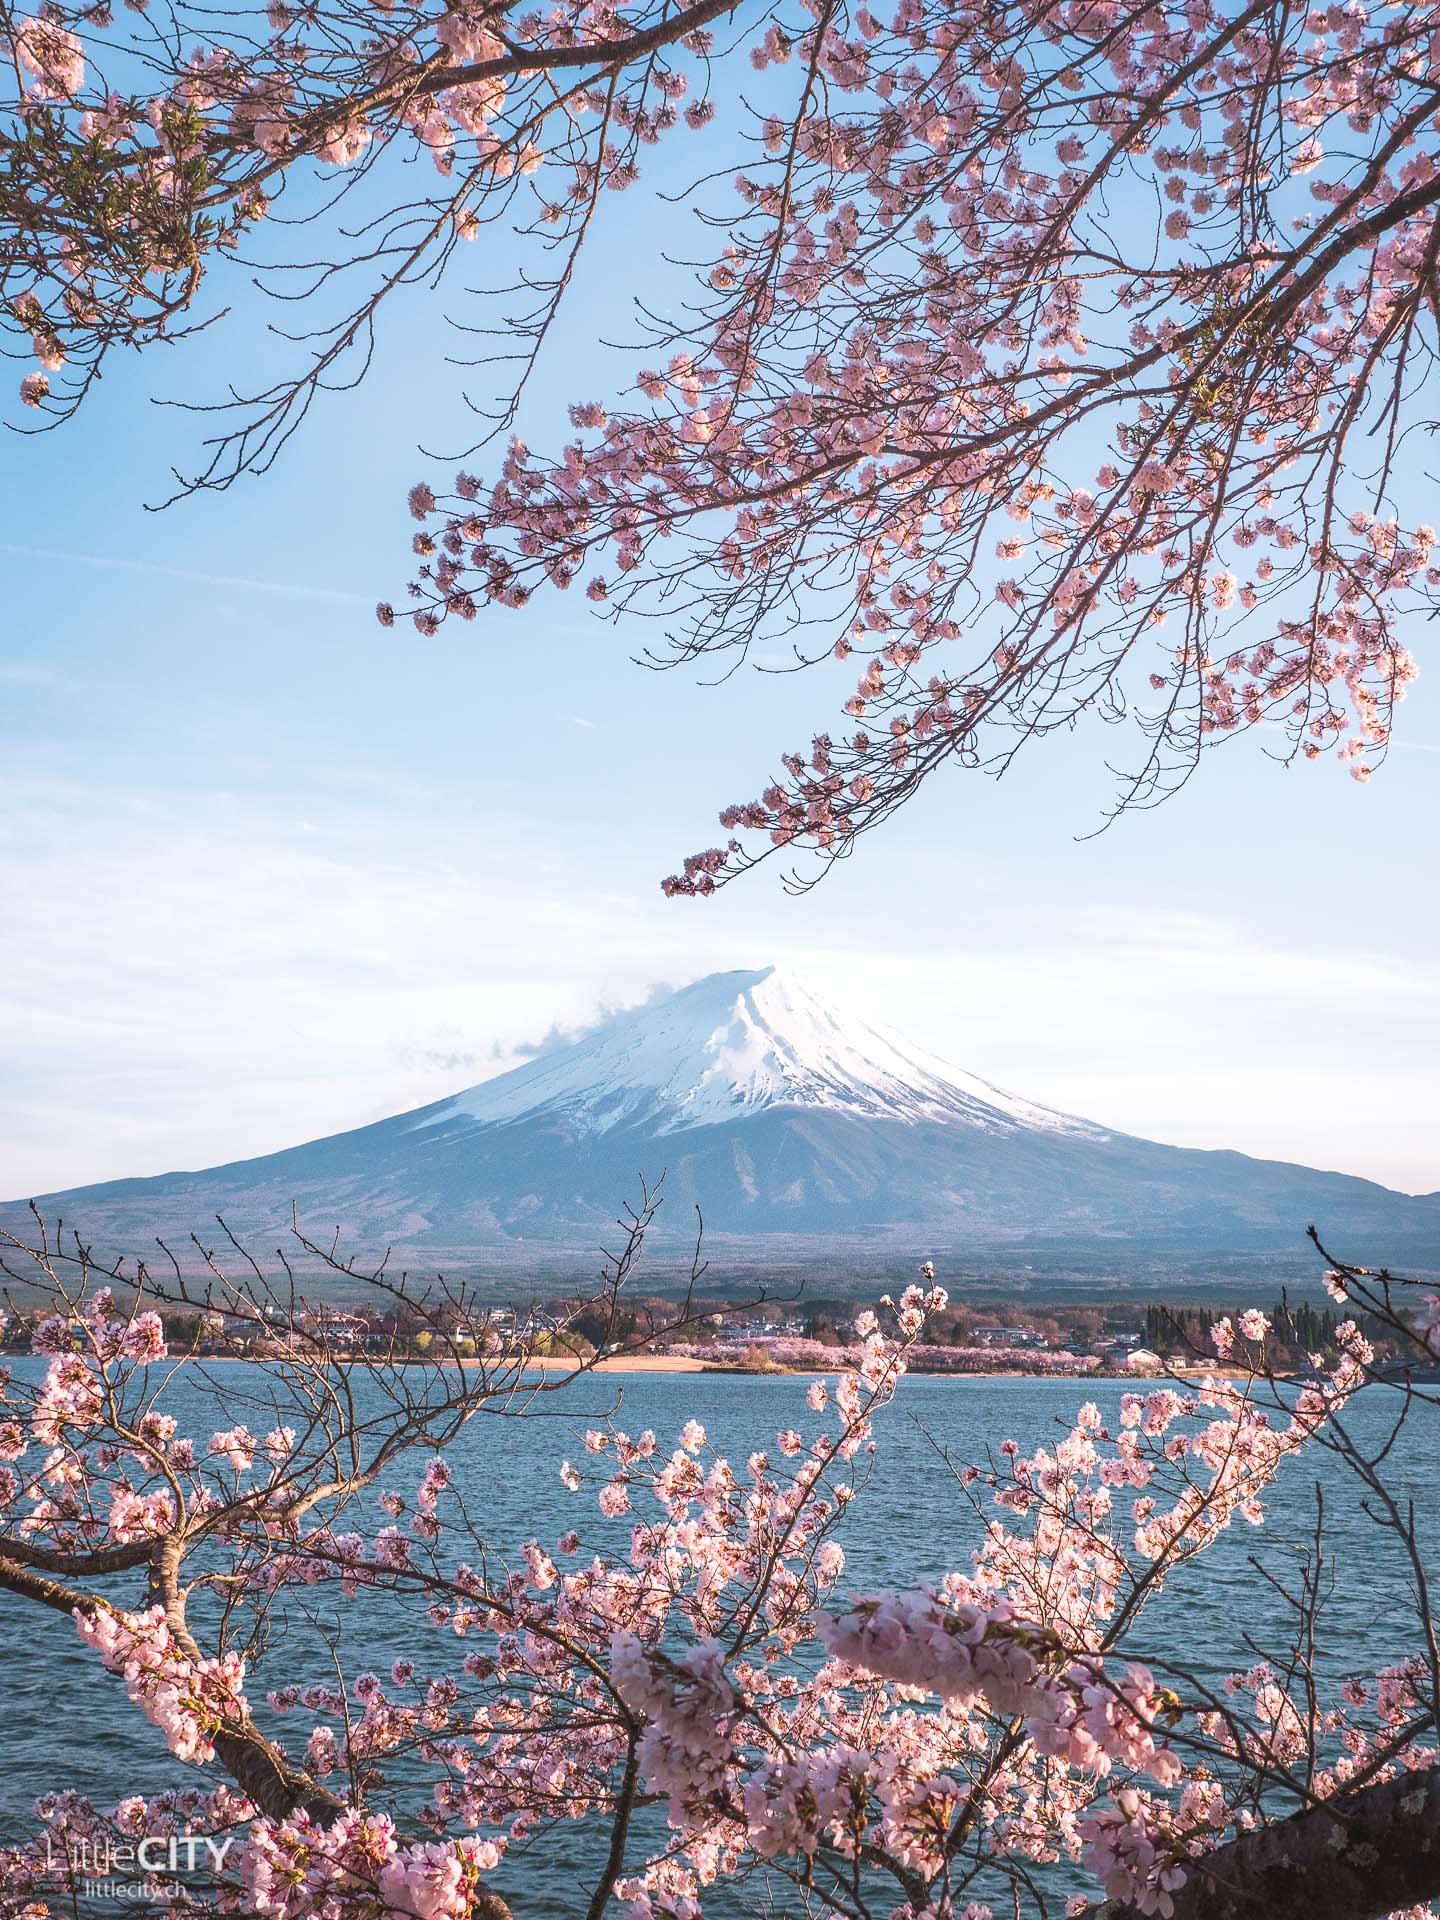 Fuji Kawaguchiko Cherry Blossoms Sakura